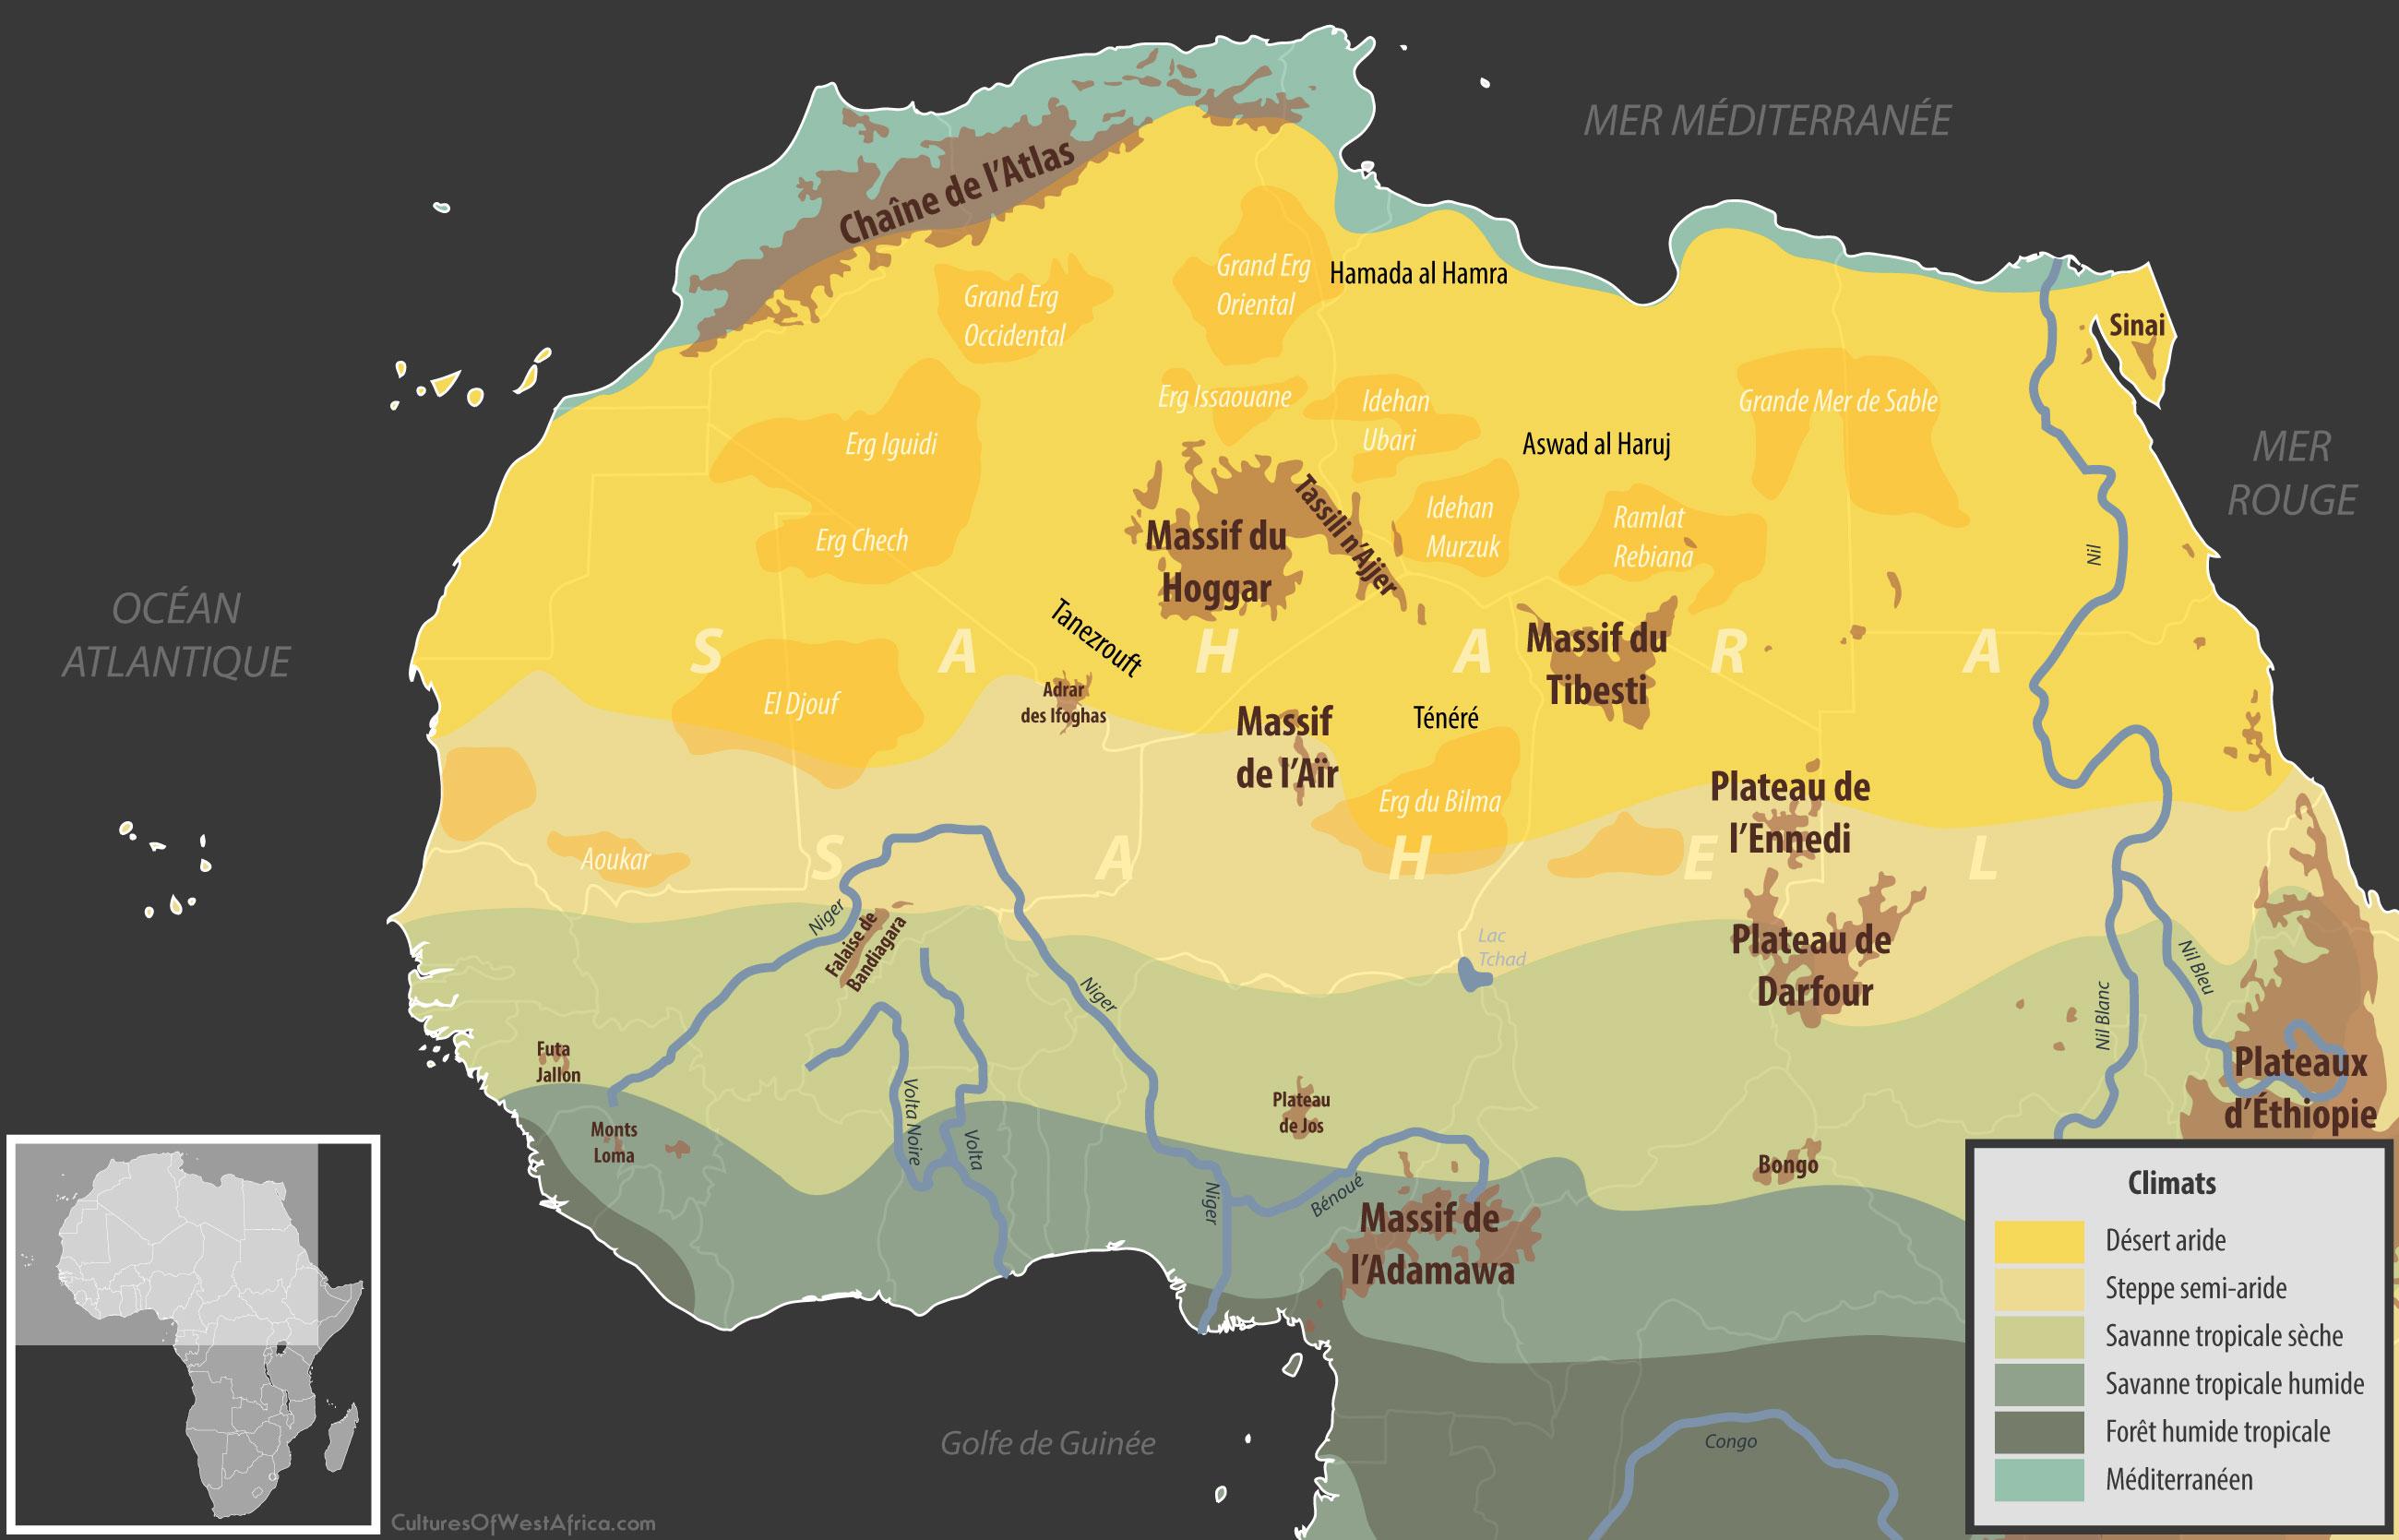 Carte géographique du Sahara, ainsi que les climats de l'Afrique de l'Ouest et du Nord.